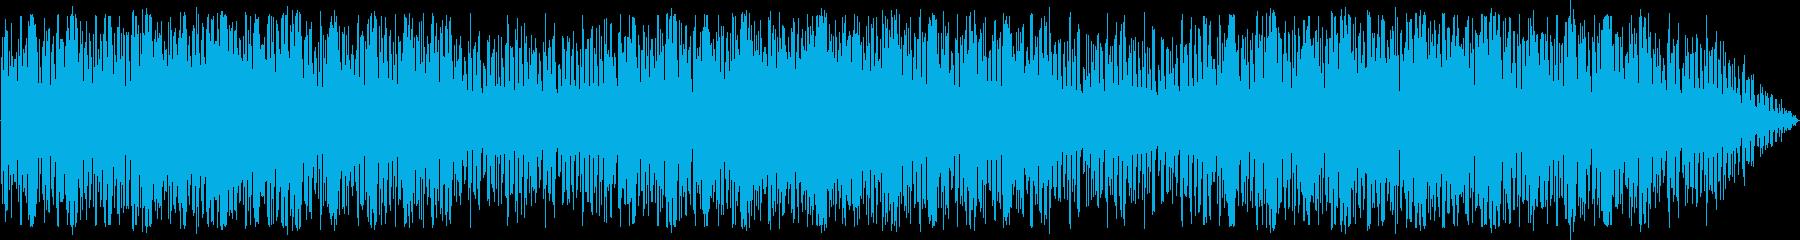 可愛いメロディが印象的なチップチューンの再生済みの波形